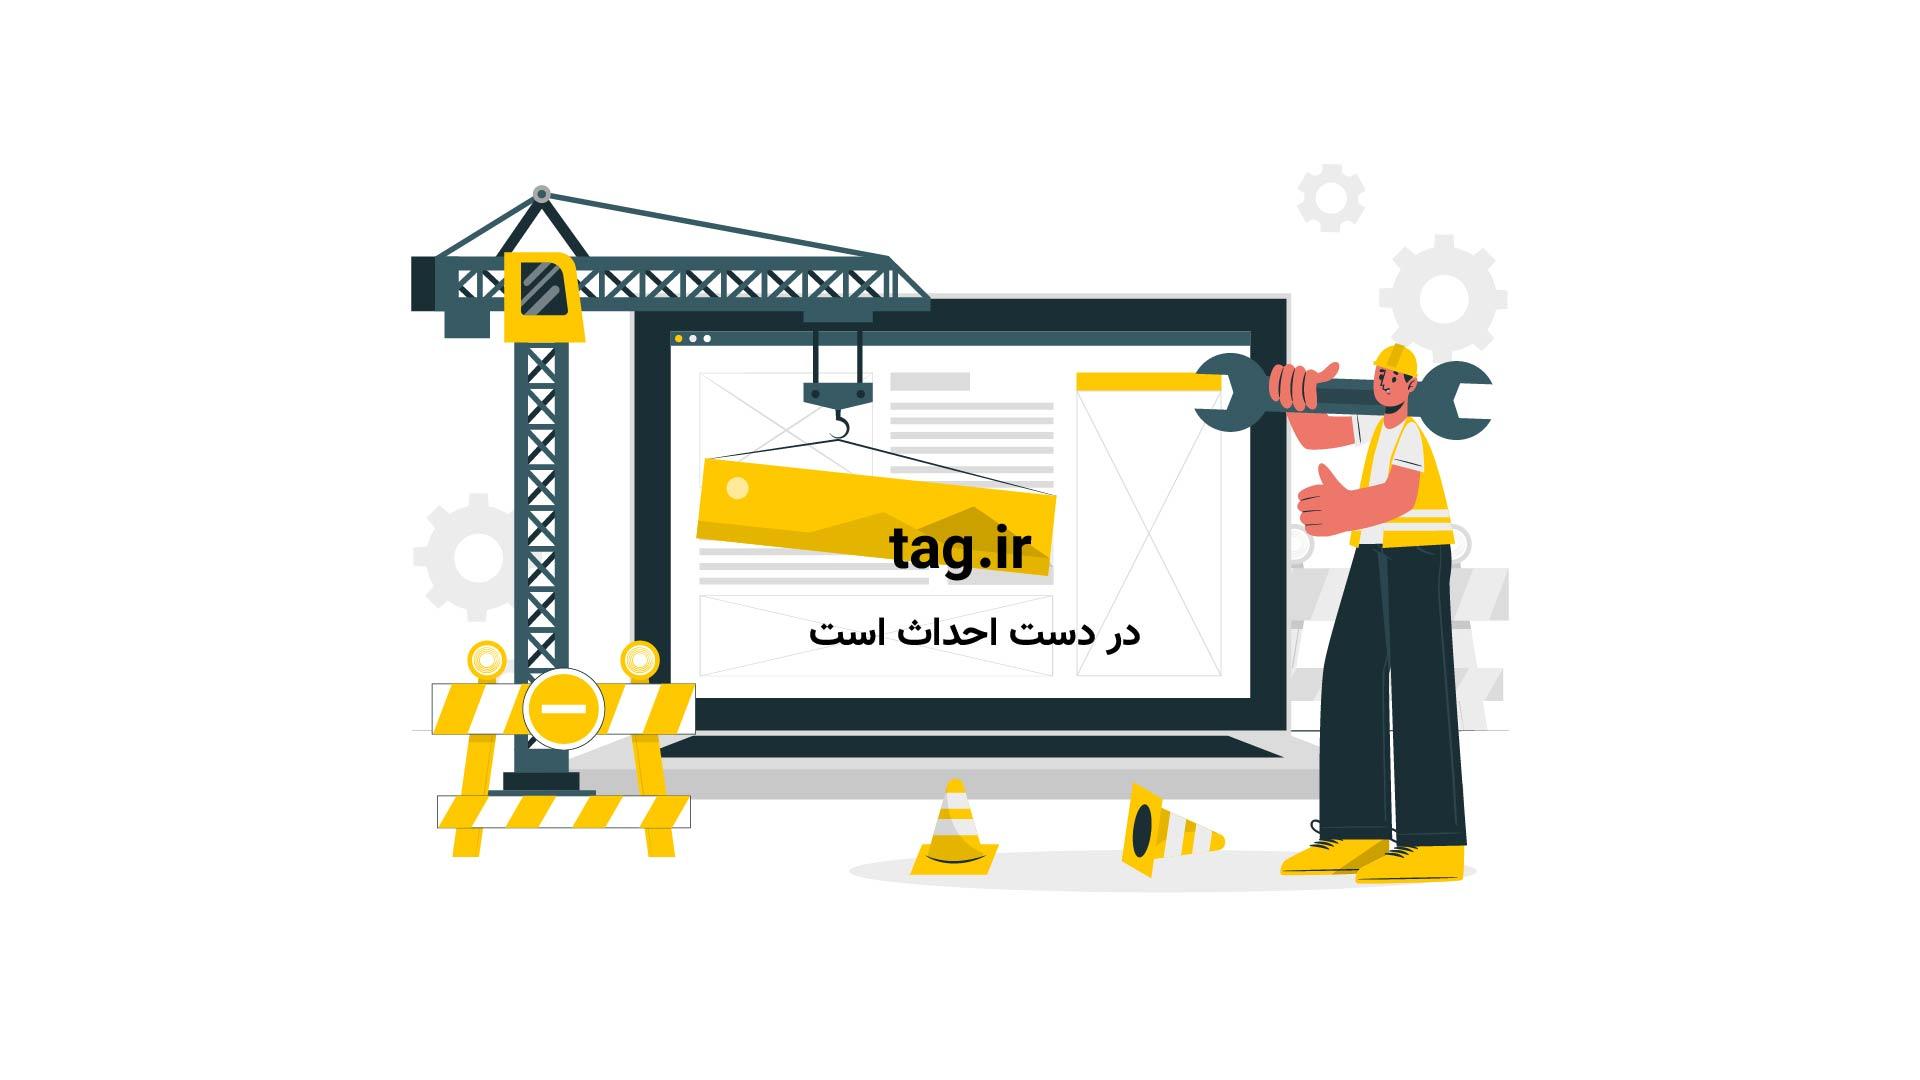 جایزه نوبل شیمی | تگ